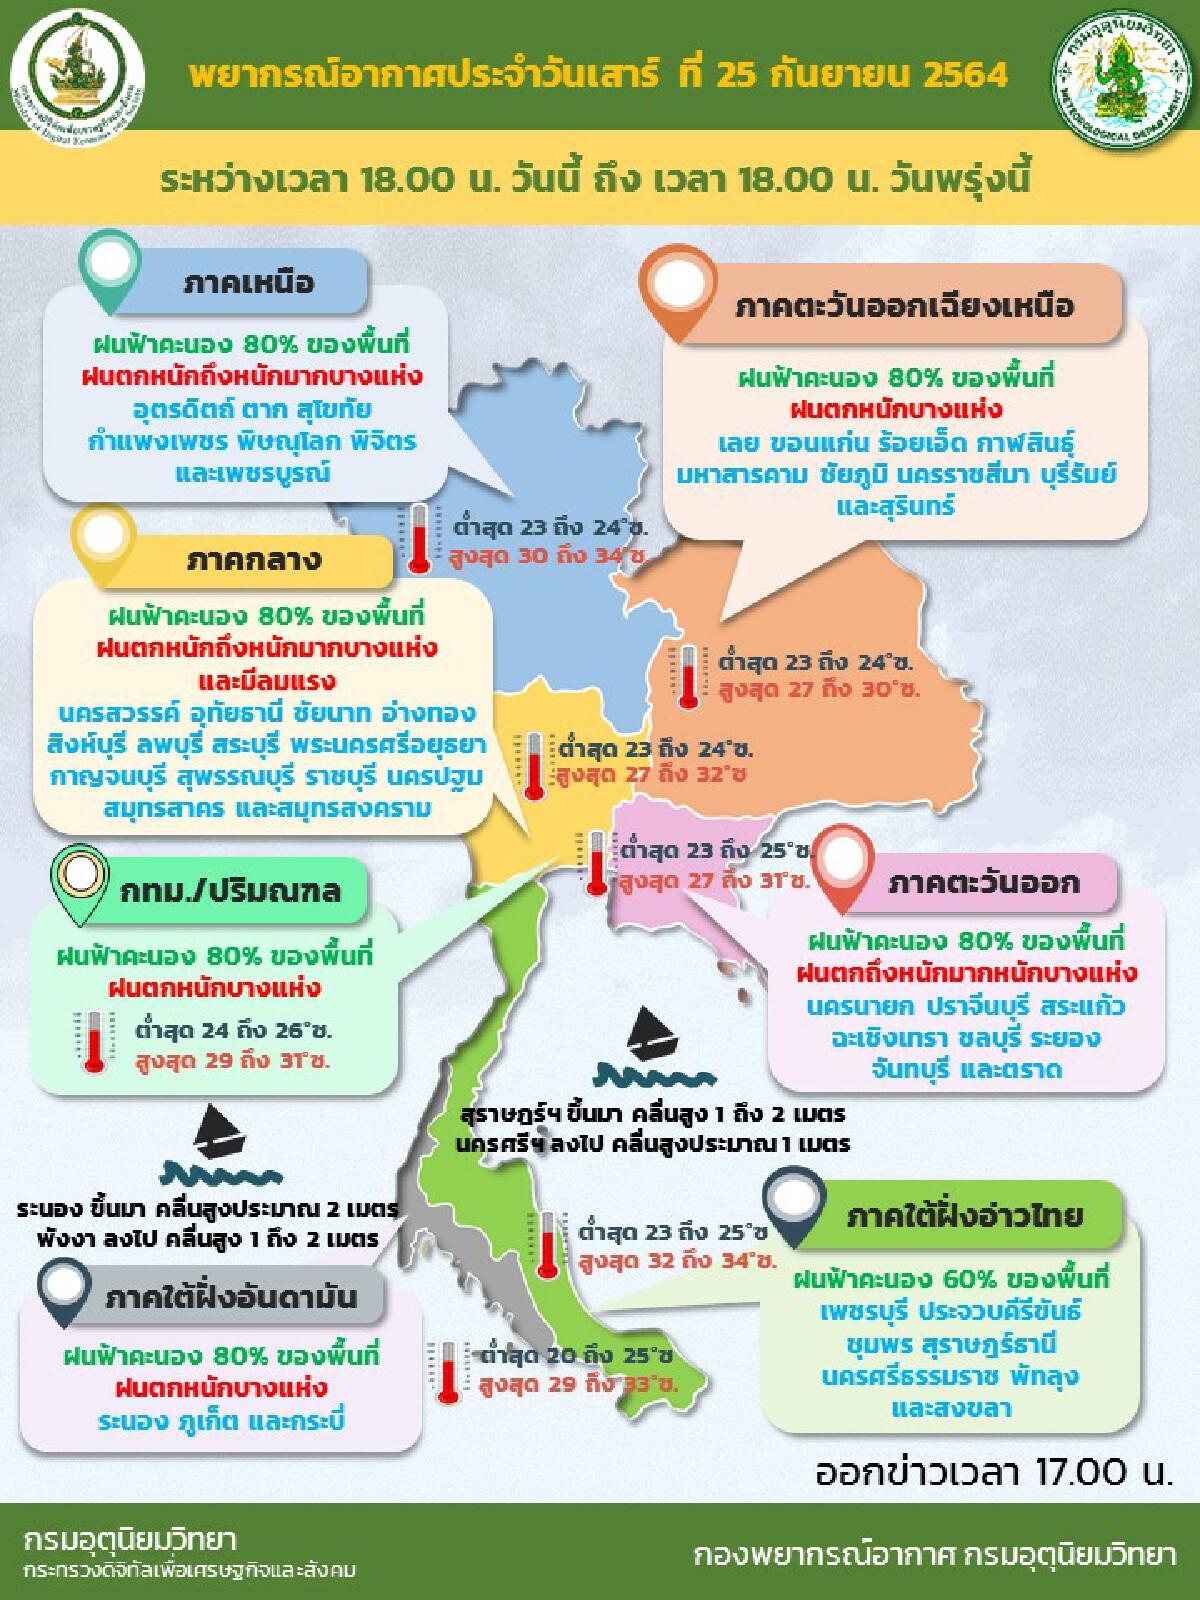 """พิษ """"เตี้ยนหมู่"""" เกือบทั่วไทยฝนยังหนัก ร้อยละ 80 เตือนร่องมรสุมหนักอีกระลอก"""